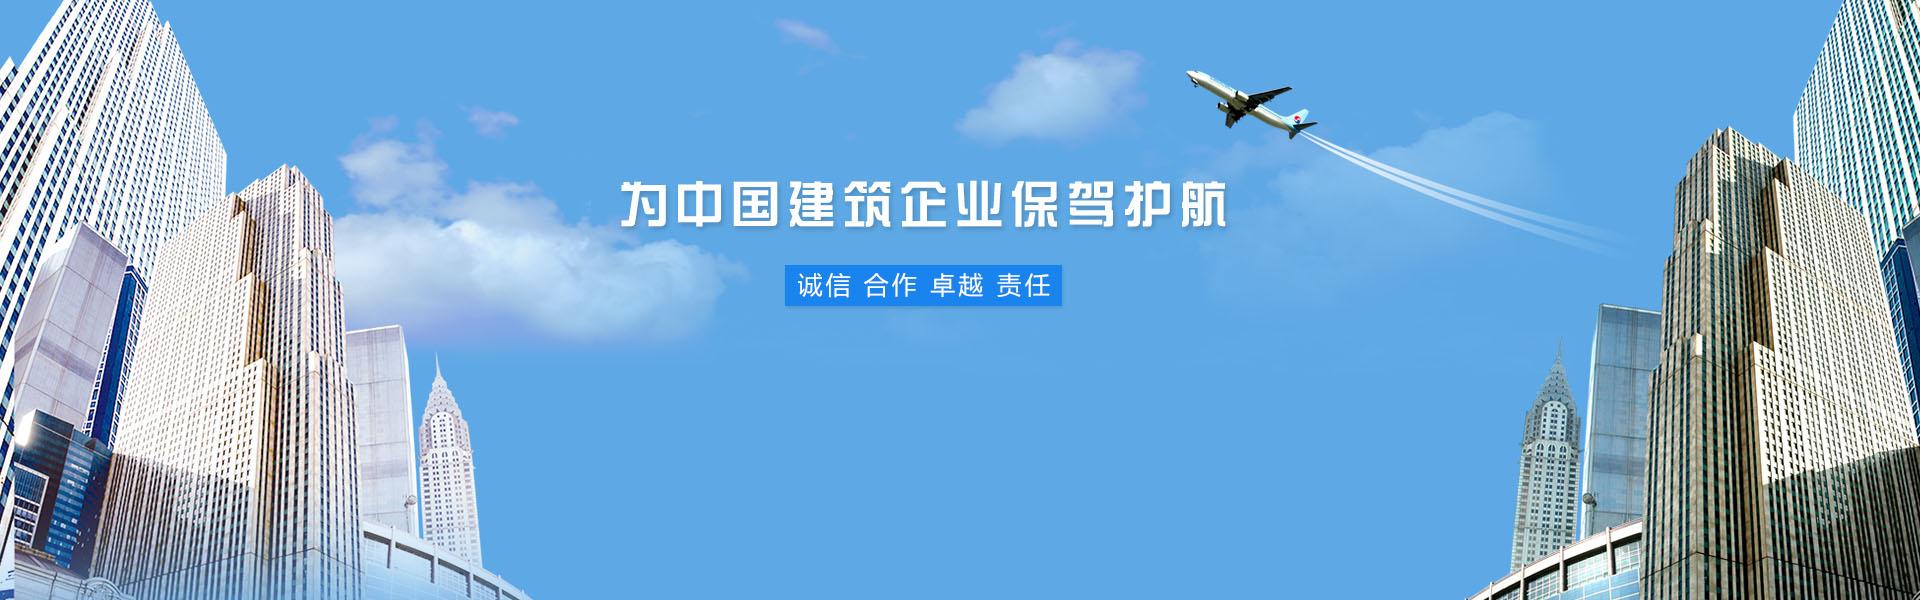 云南中高端建造师 服务为先 云南百灿企业管理咨询供应